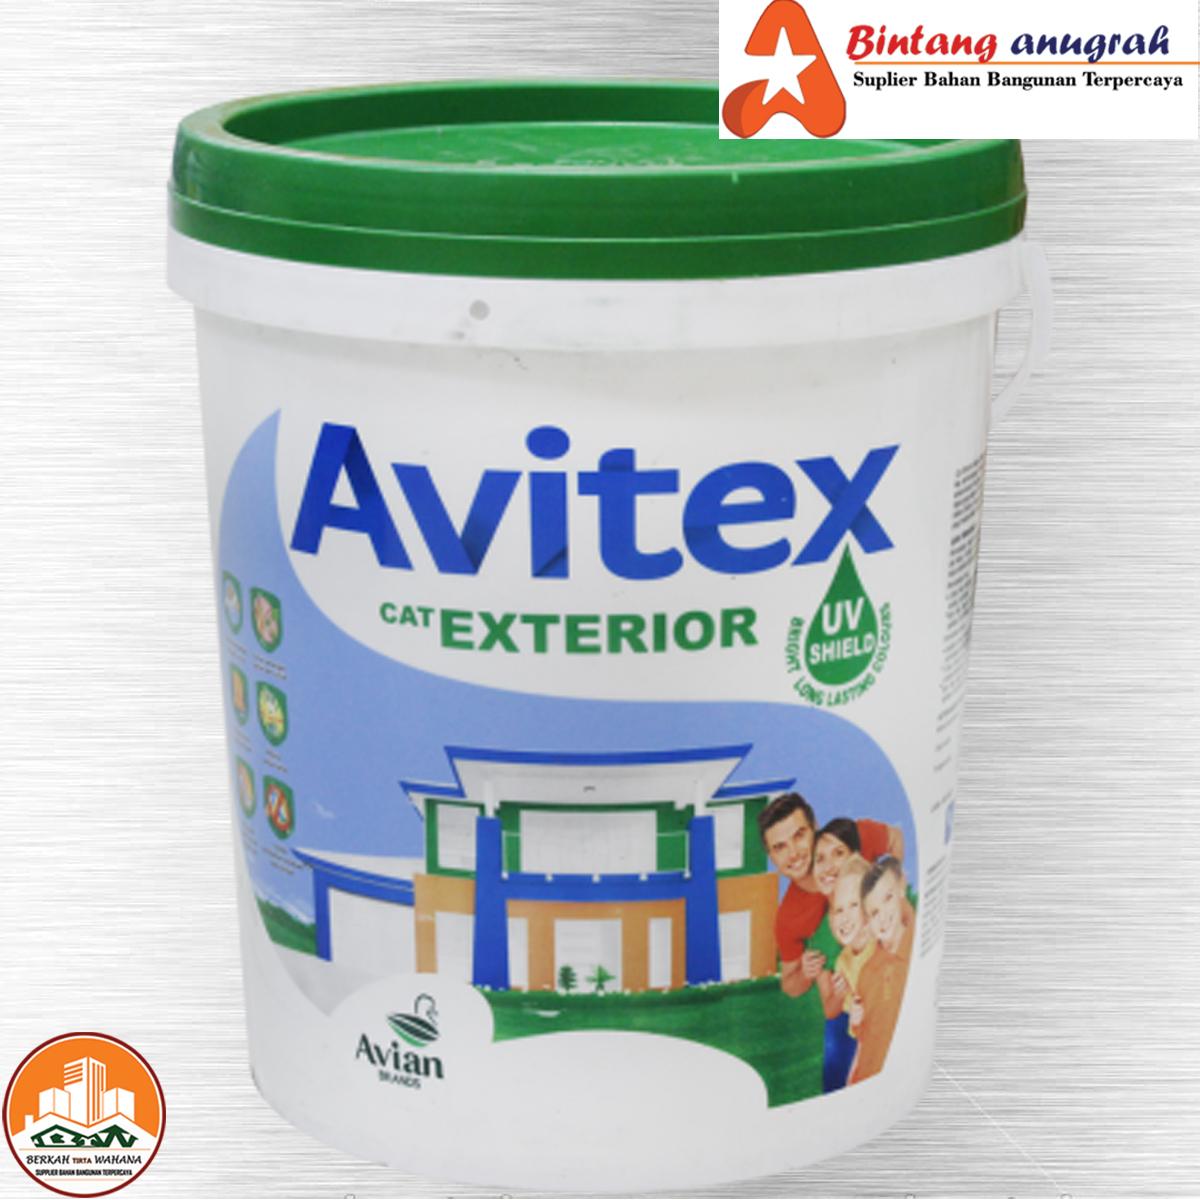 Distributor Avitex Exterior Pekanbaru Harga Jual Avitex Exterior